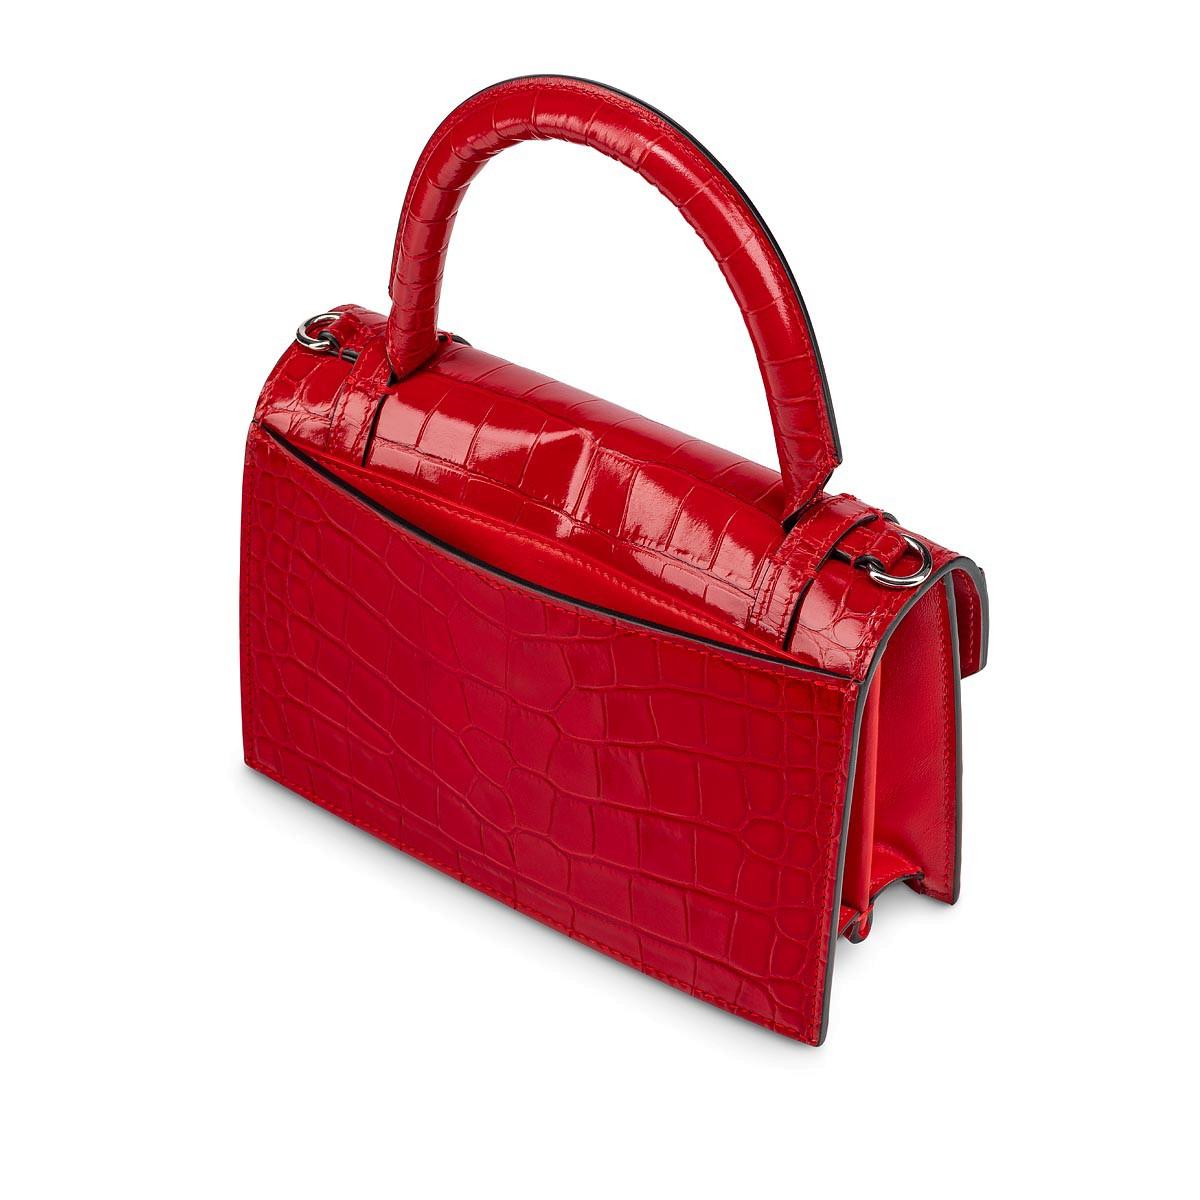 Bags - Elisa Top Handle Small - Christian Louboutin